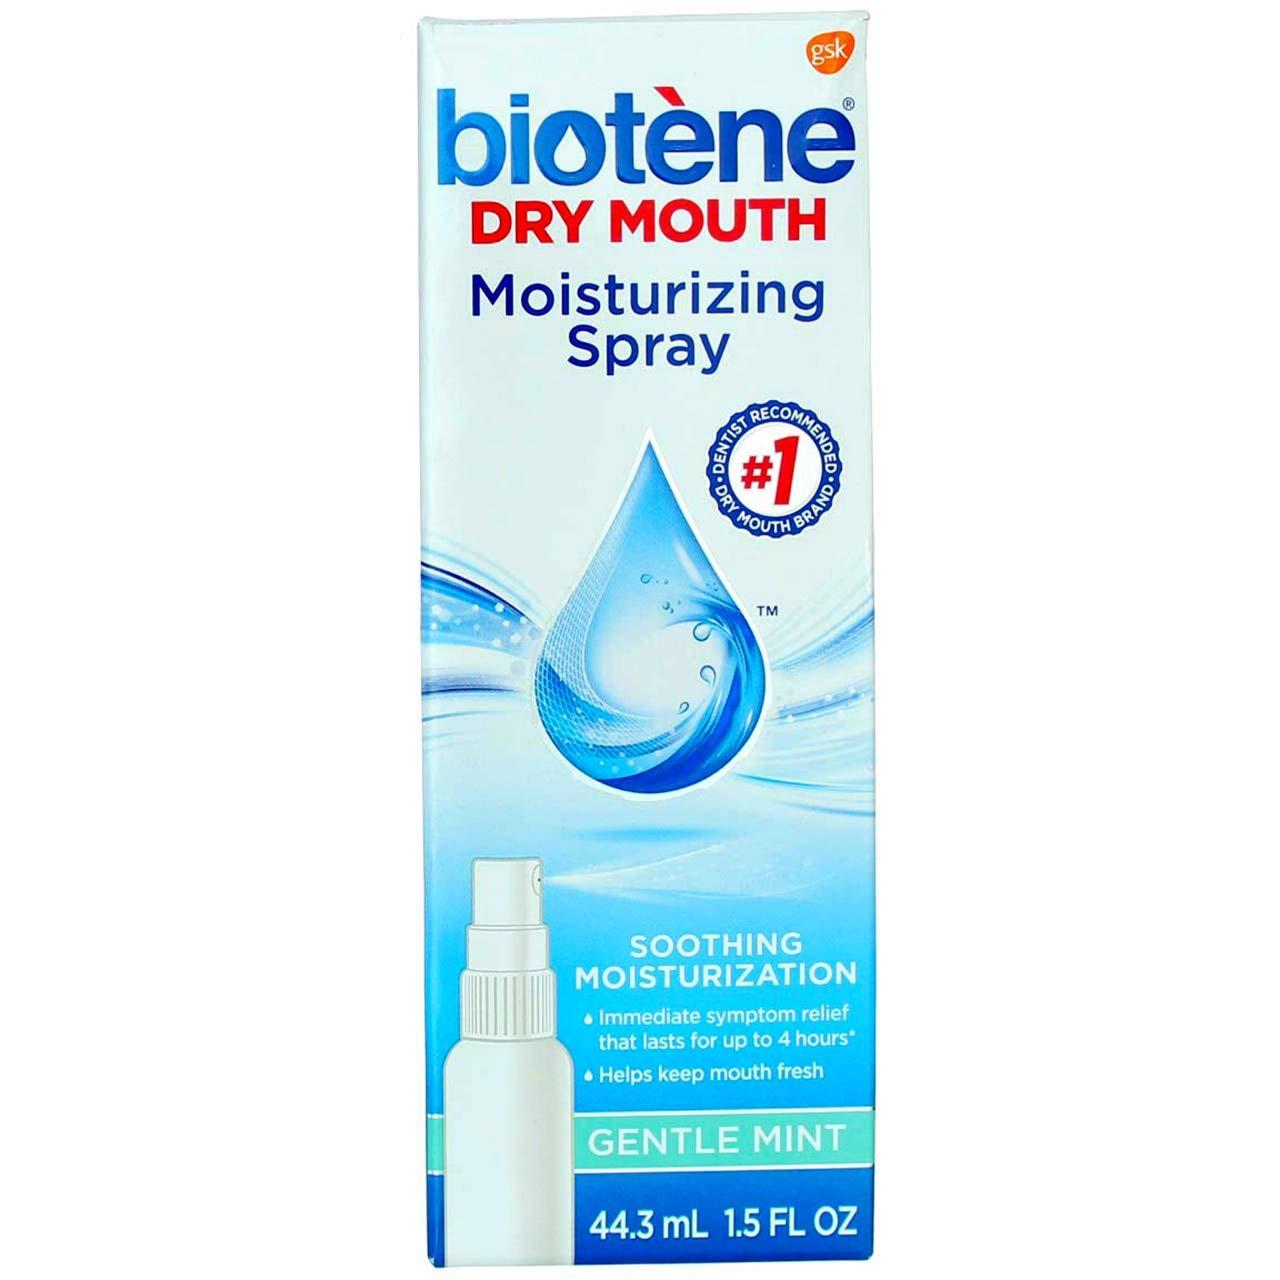 Biotene SAJ1433945 Mouth Spray, 1.5oz